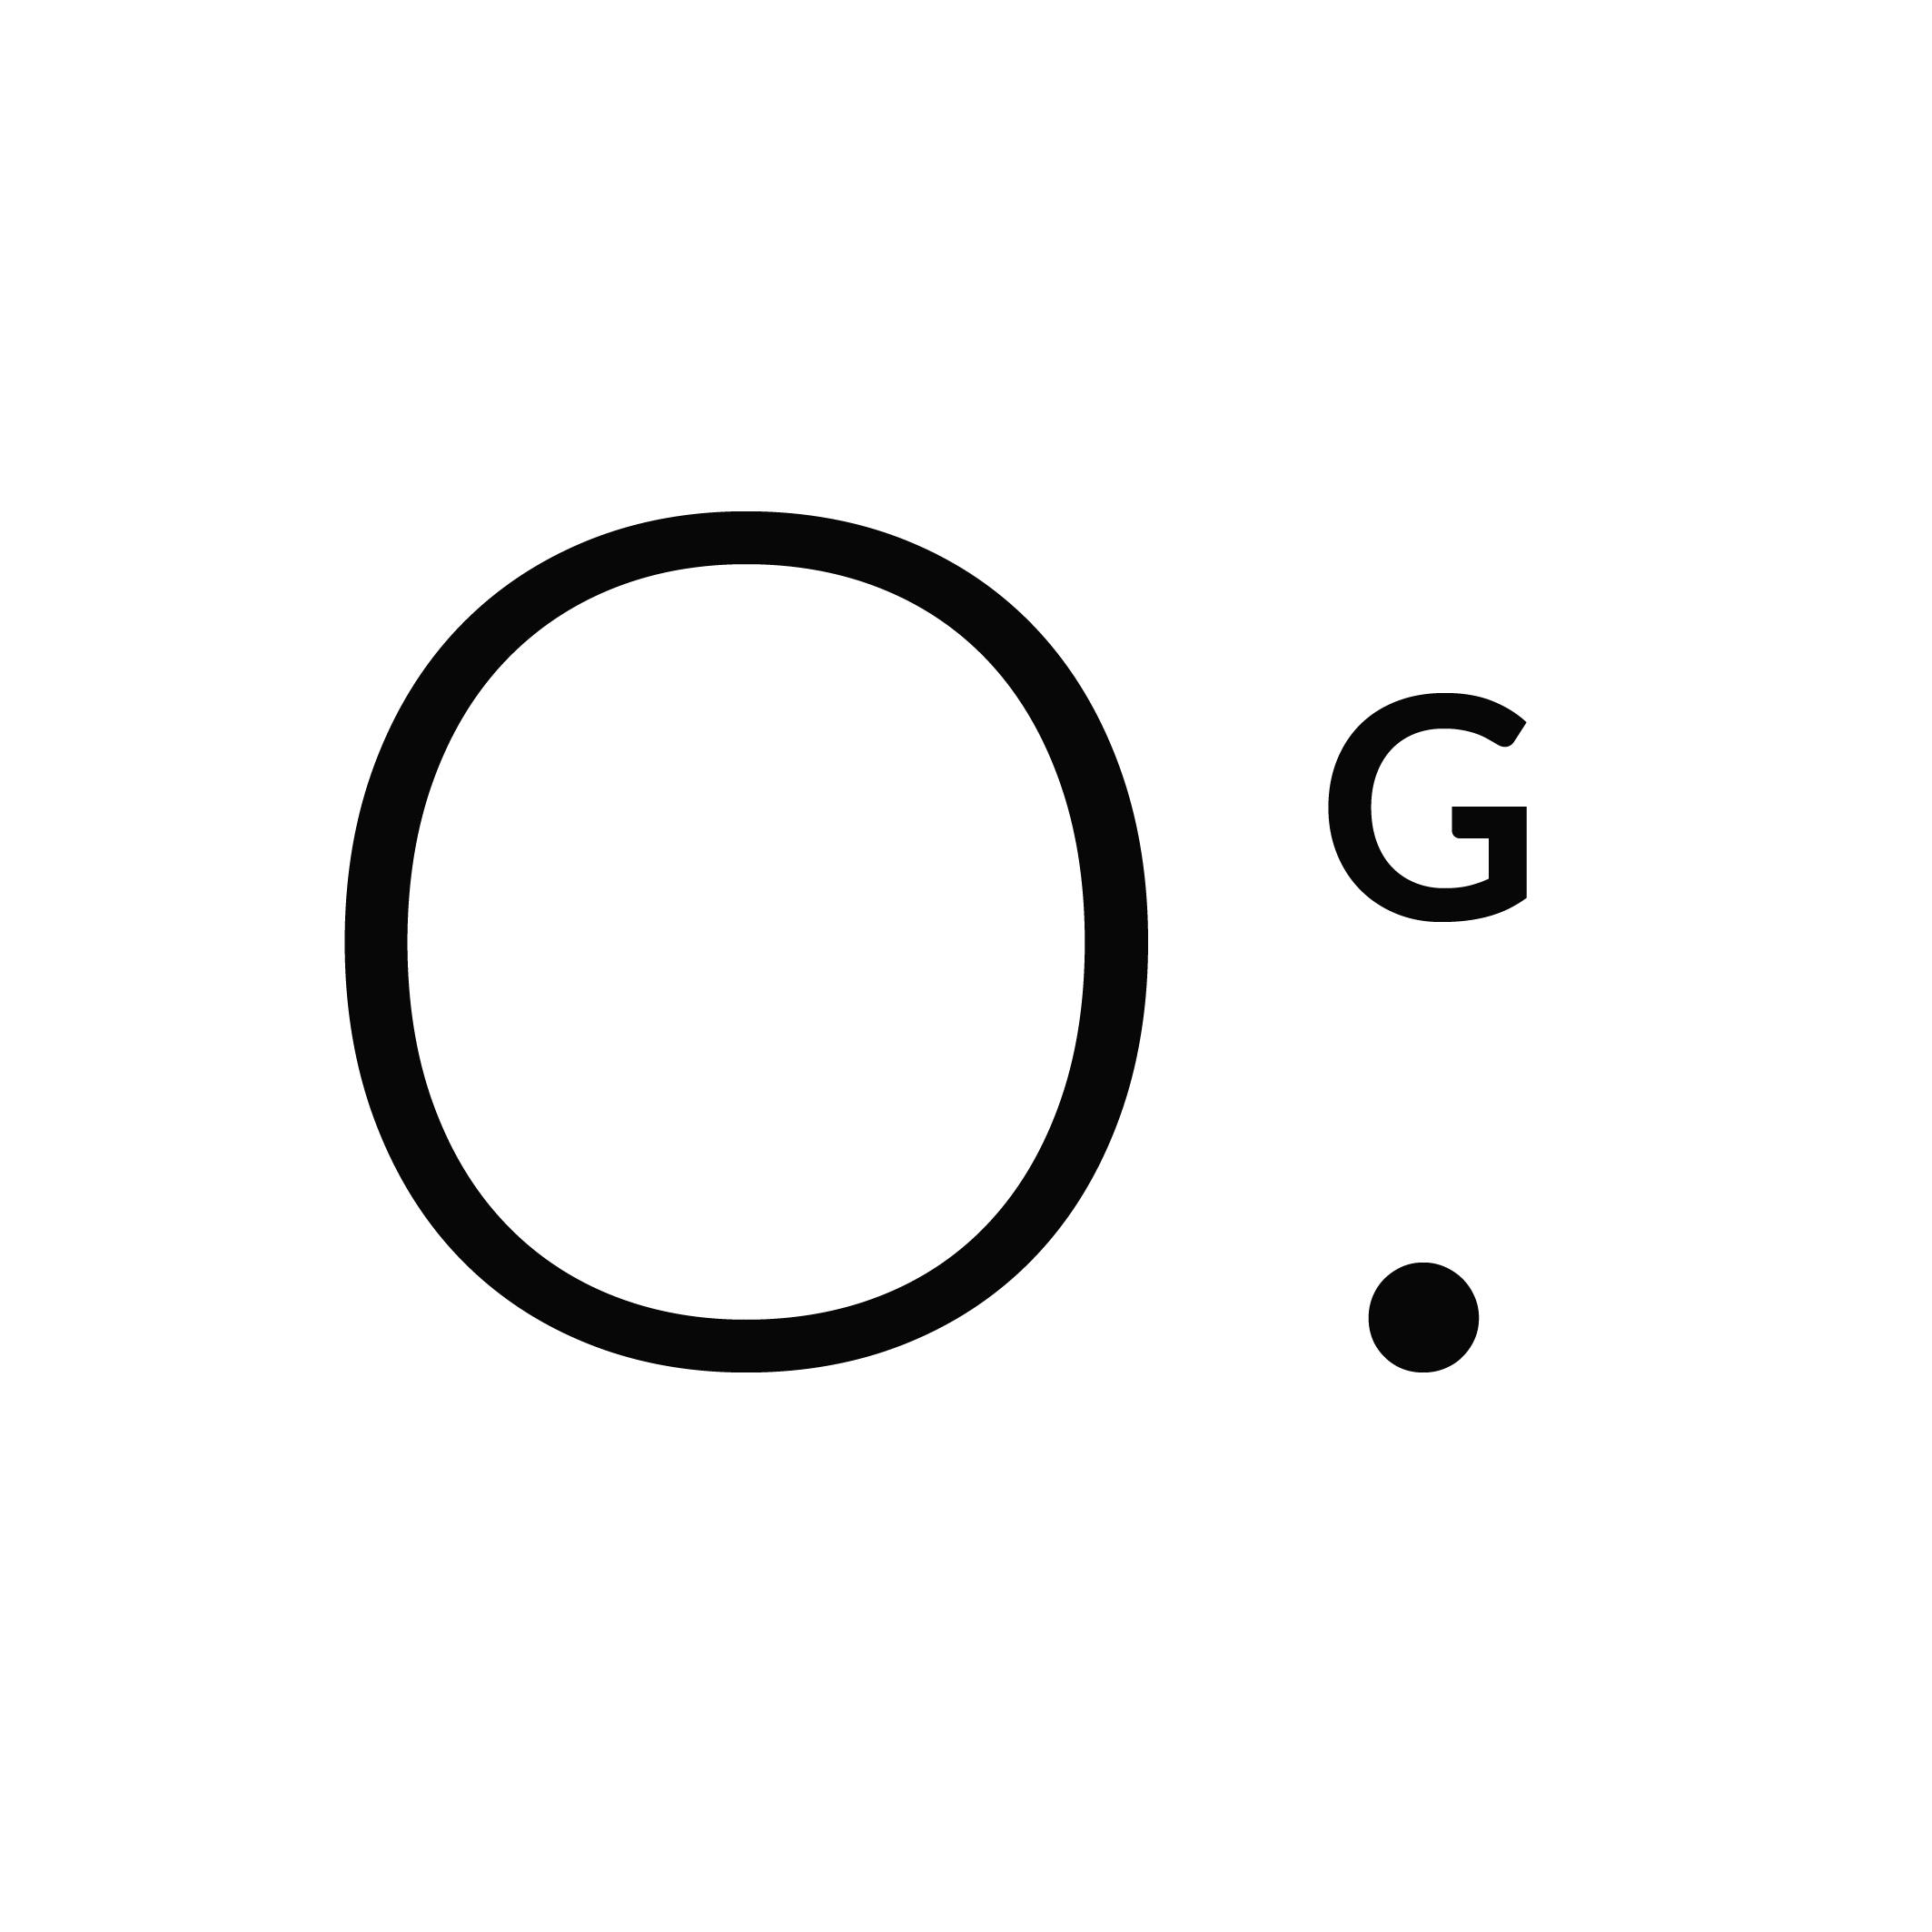 orestis-georgiou-emblem.jpg